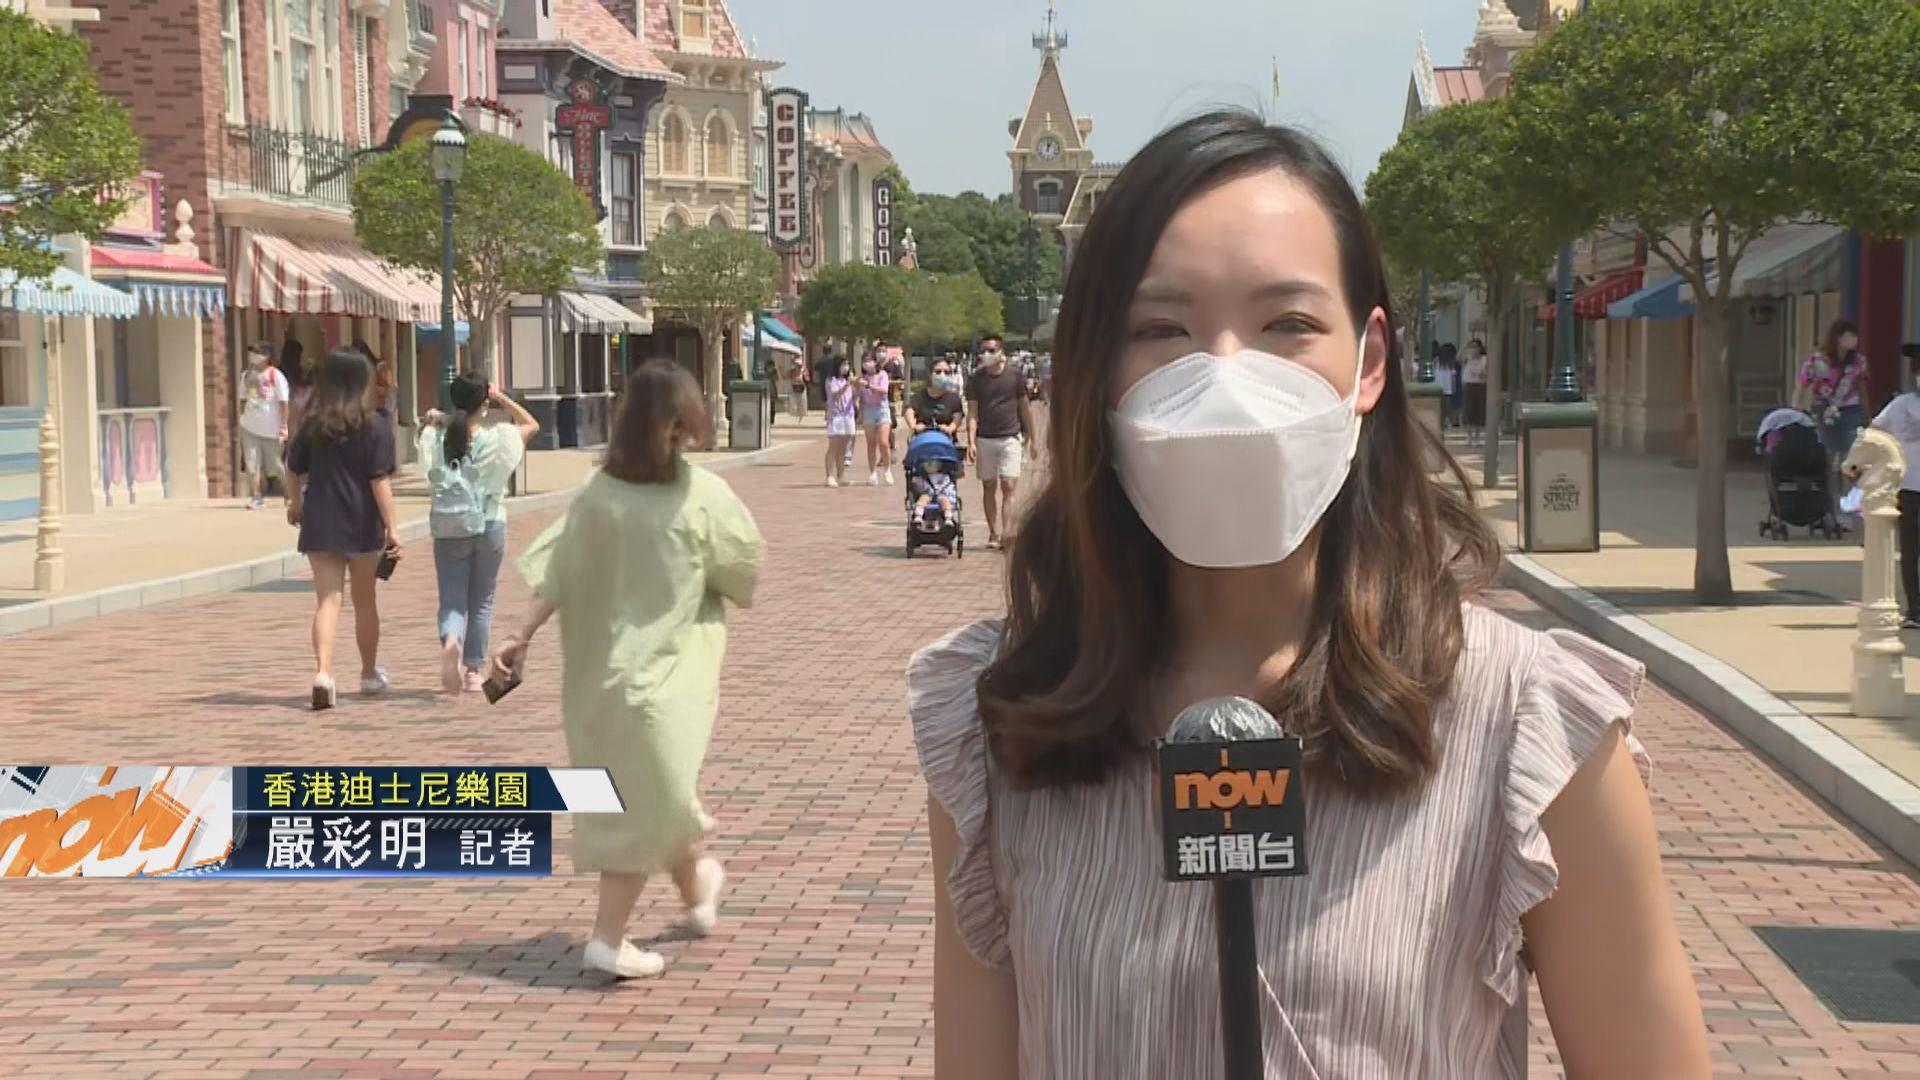 【現場報道】香港迪士尼樂園關閉兩個多月後重開 人流不算太多